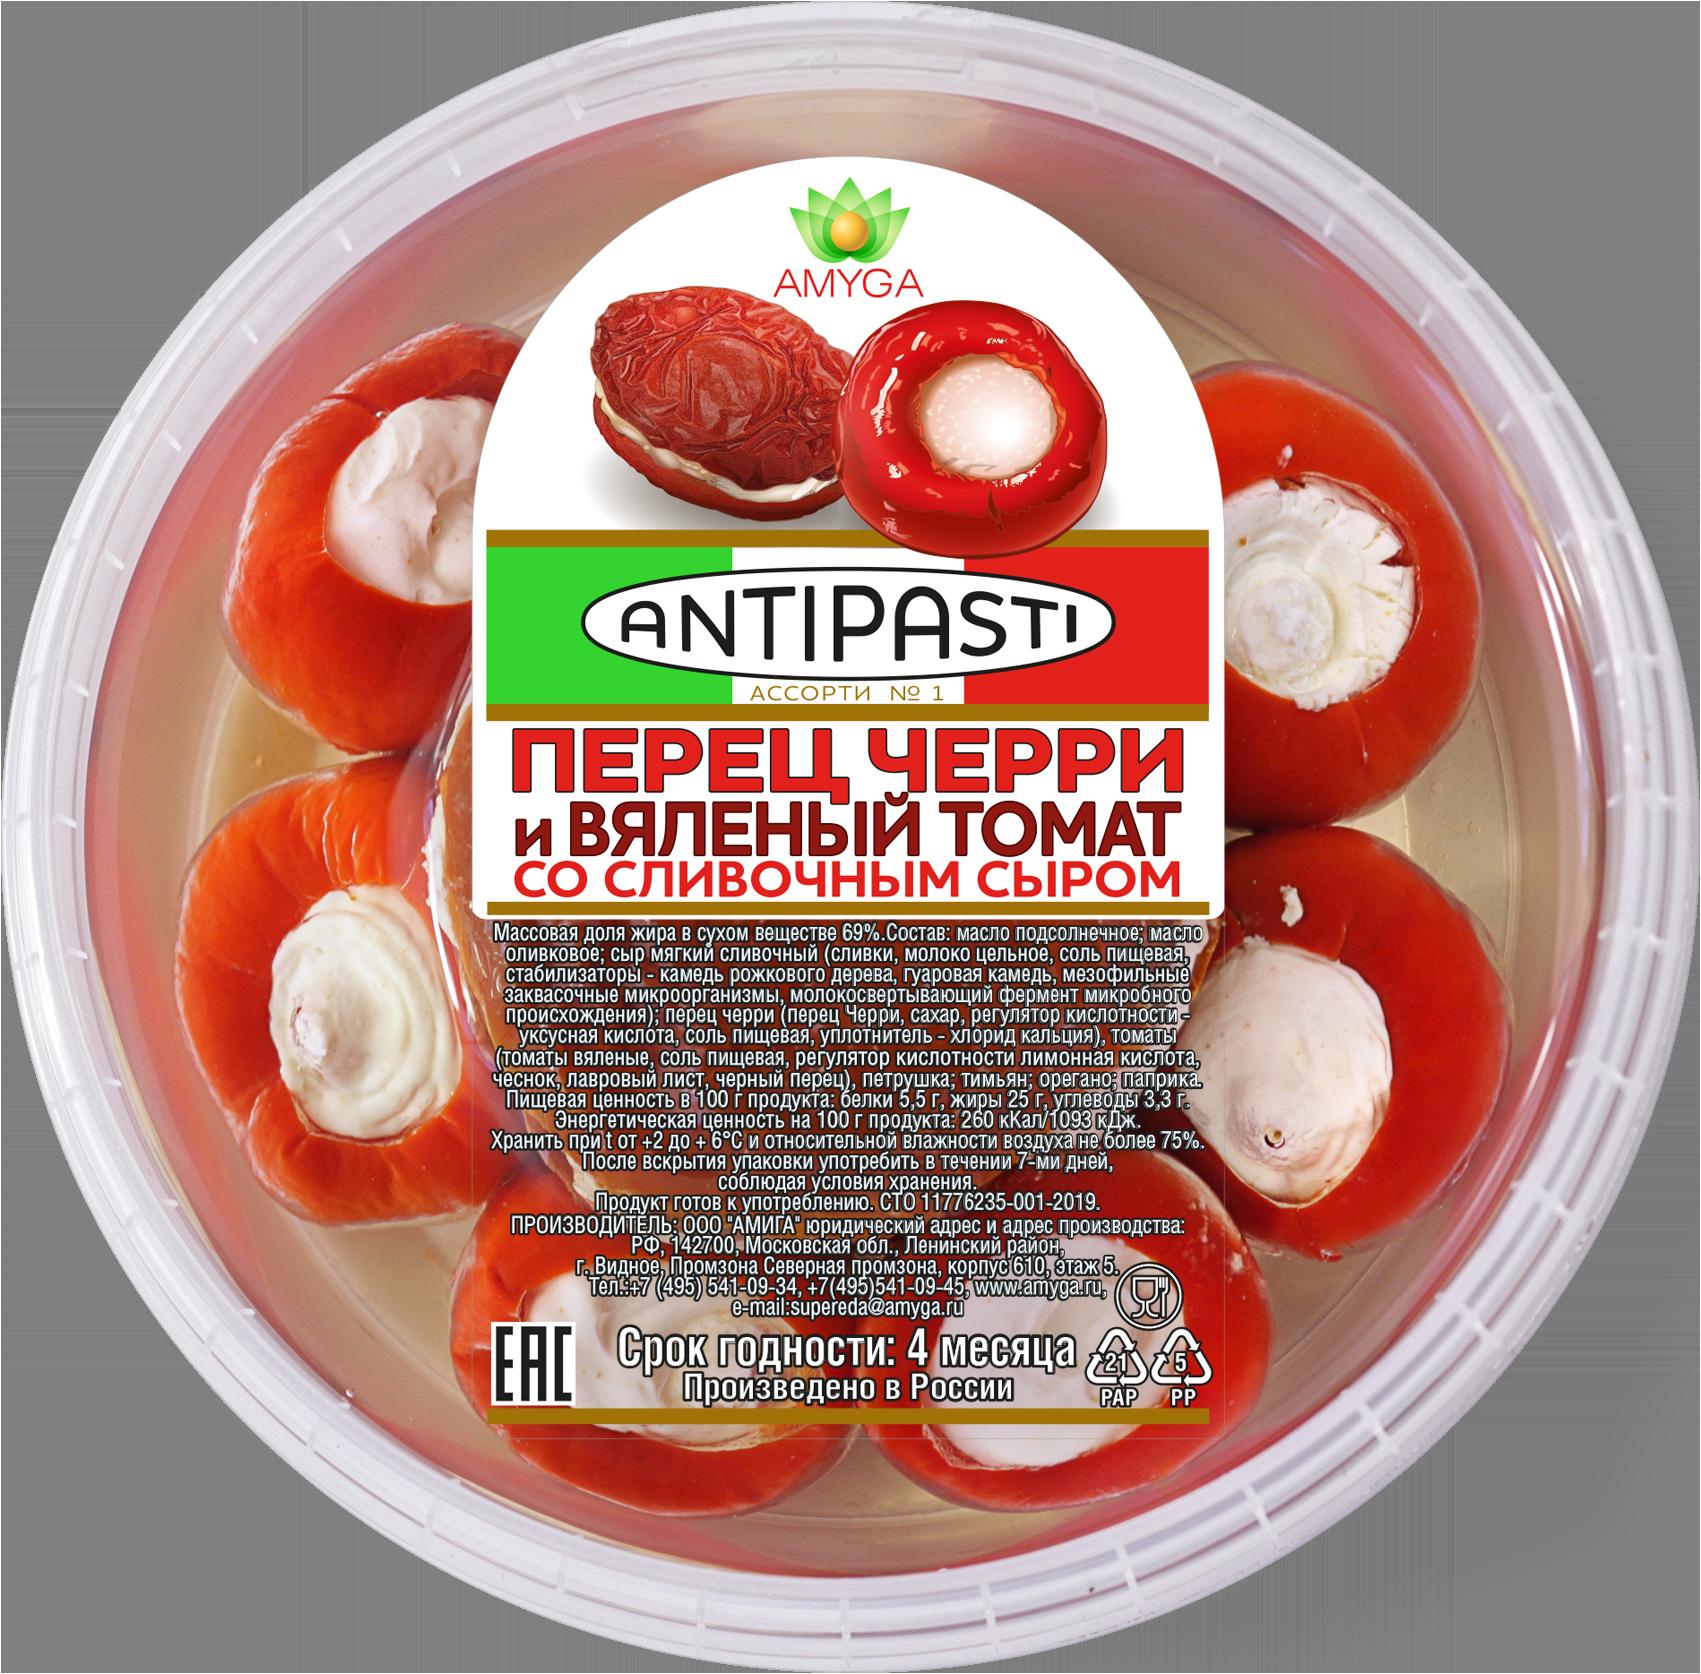 Ассорти № 1 Перец черри и вяленыетоматы со сливочным сыром